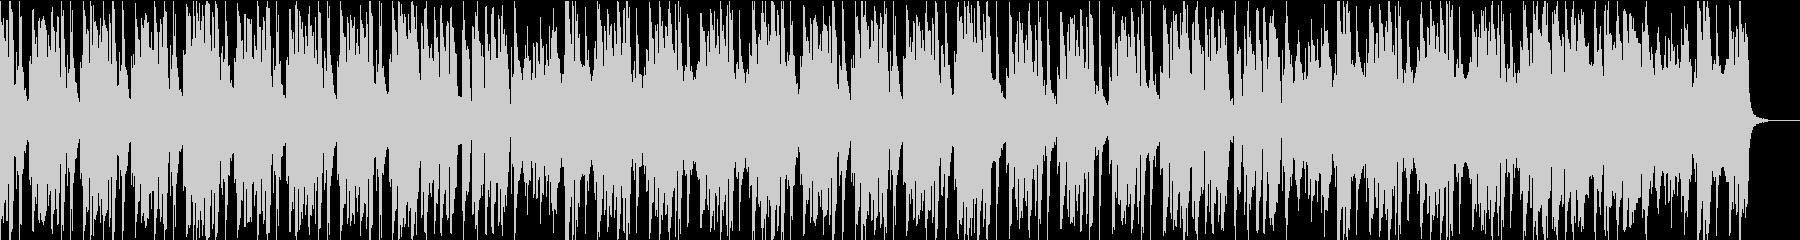 44秒でサビ、和琴、さわやか/静めの未再生の波形